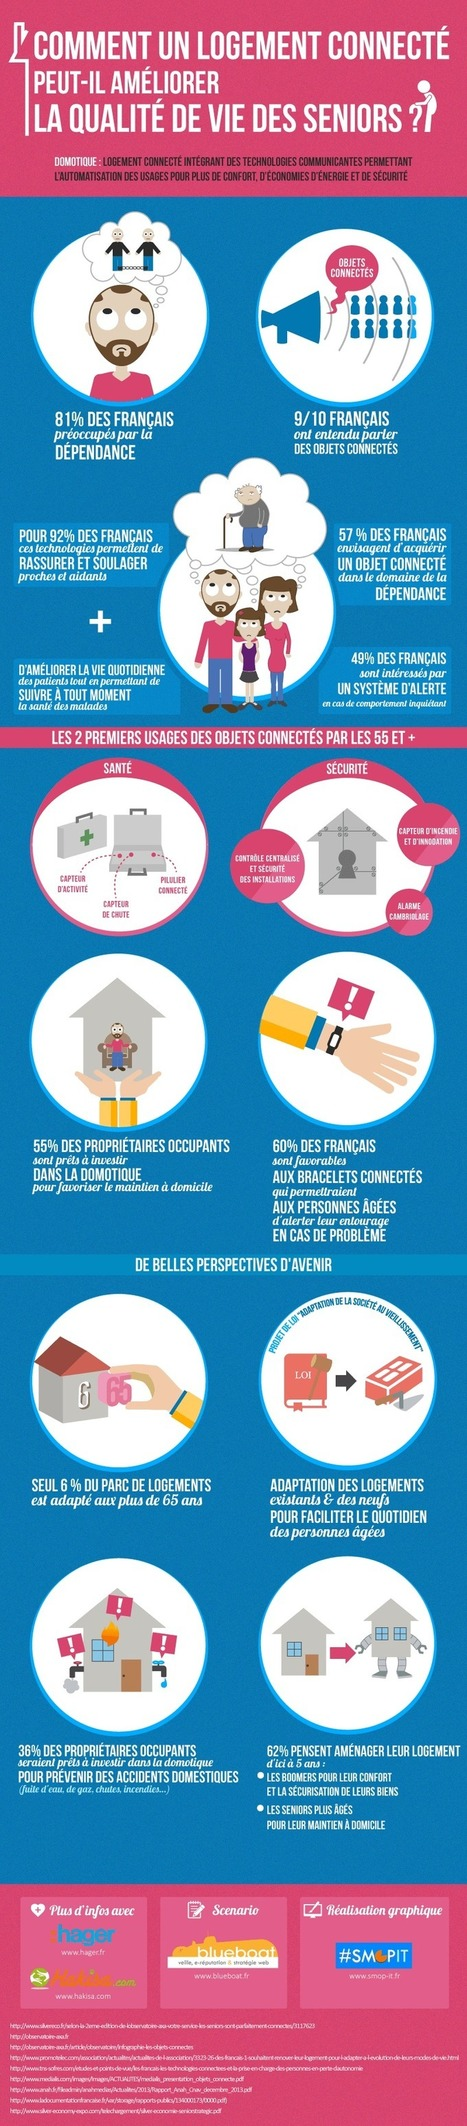 Infographie : Logement connecté & qualité de vie des seniors | Le vieillissement | Scoop.it